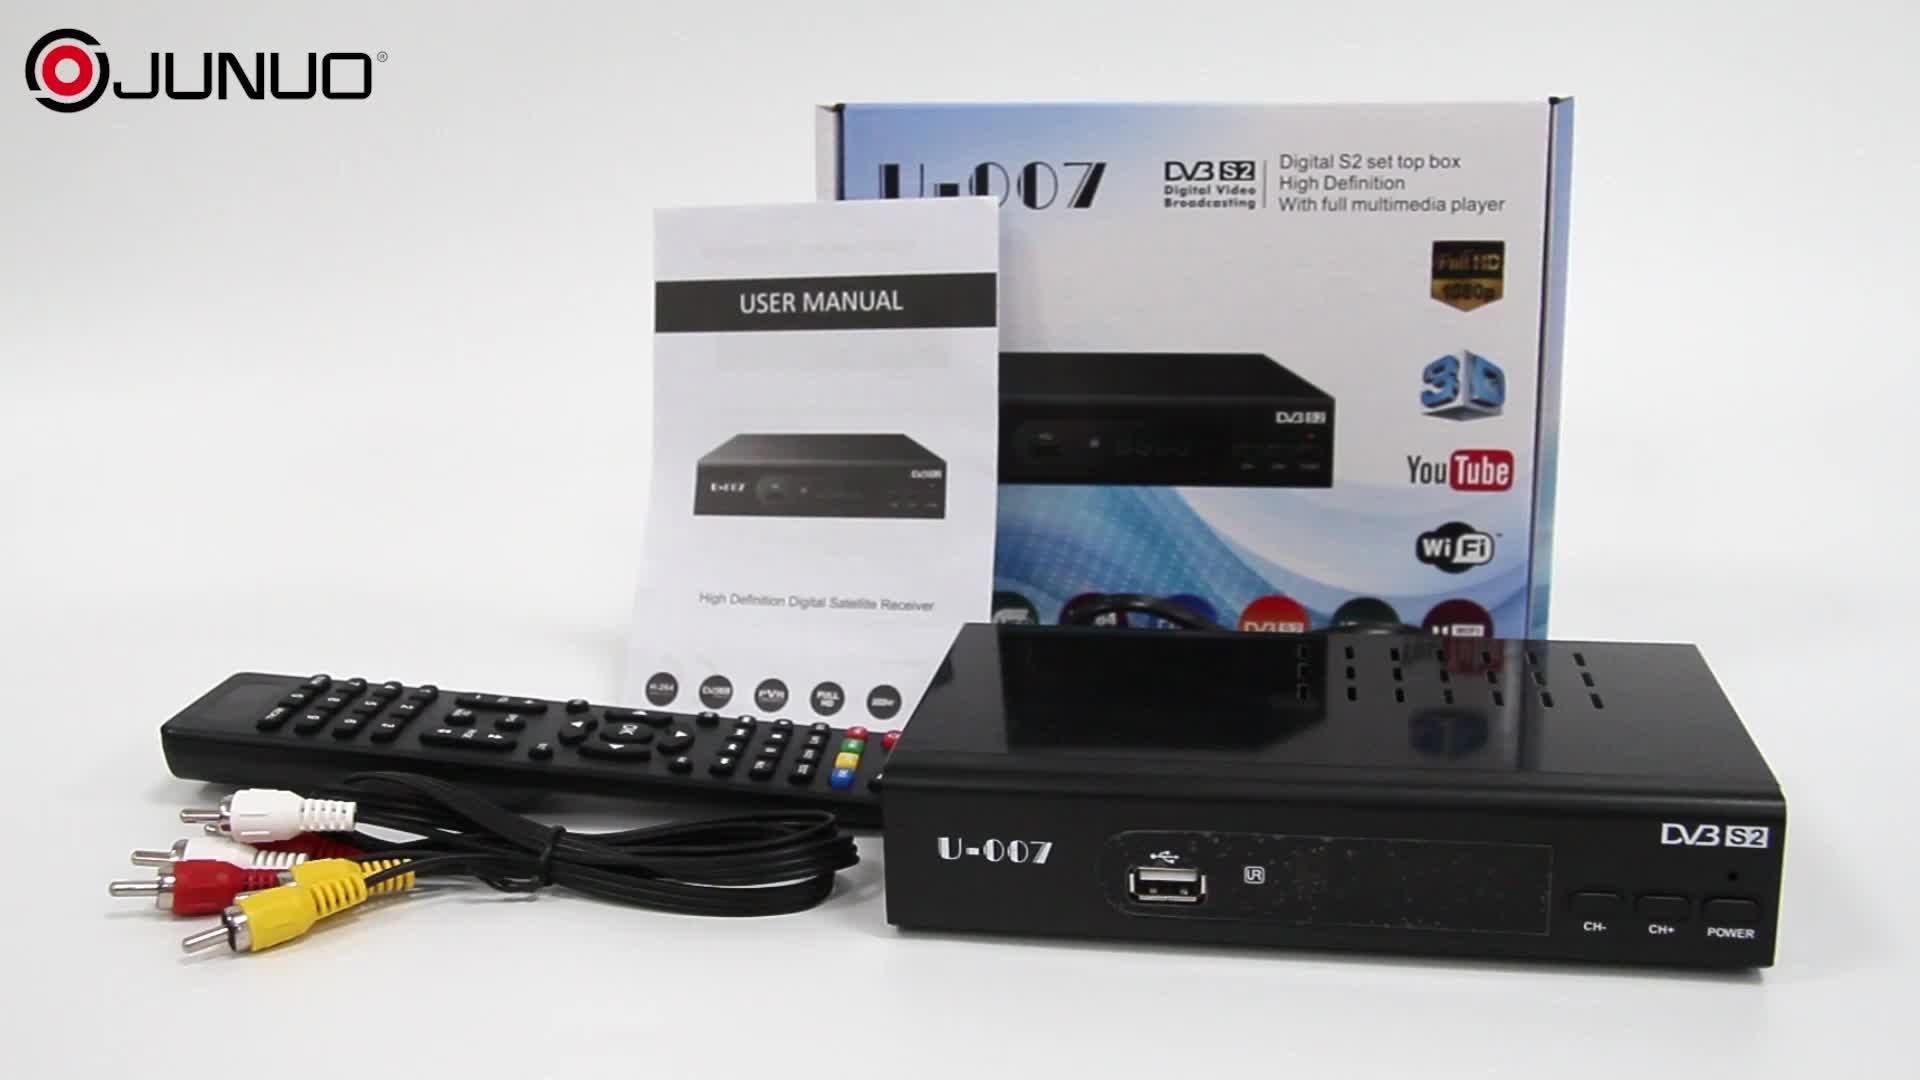 2020 populaire dvb-s2 récepteur de télévision par satellite numérique iptv youtube iks cccam newcam récepteur de télévision par satellite décodeur